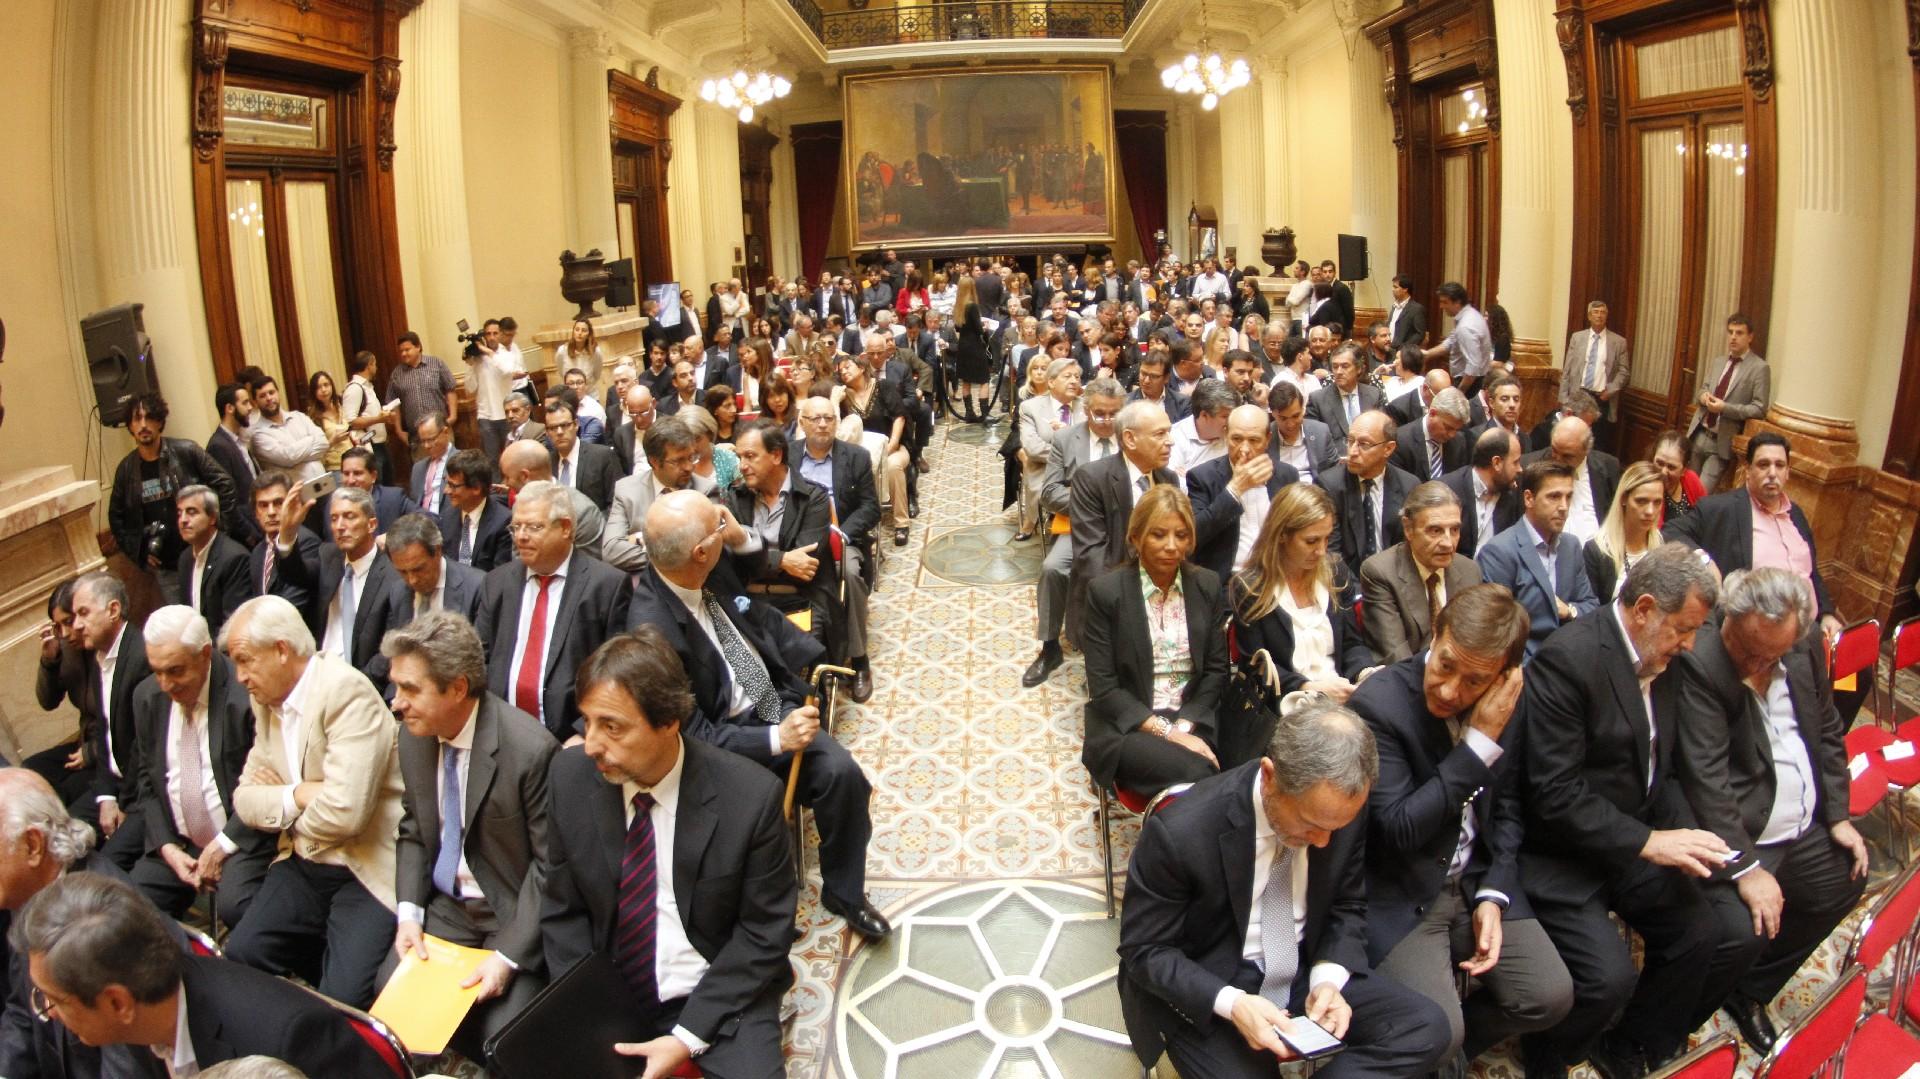 Políticos, periodistas, gente de la cultura colmaron el salón de los Pasos Perdidos del Congreso – Fotos: Nicolás Aboaf